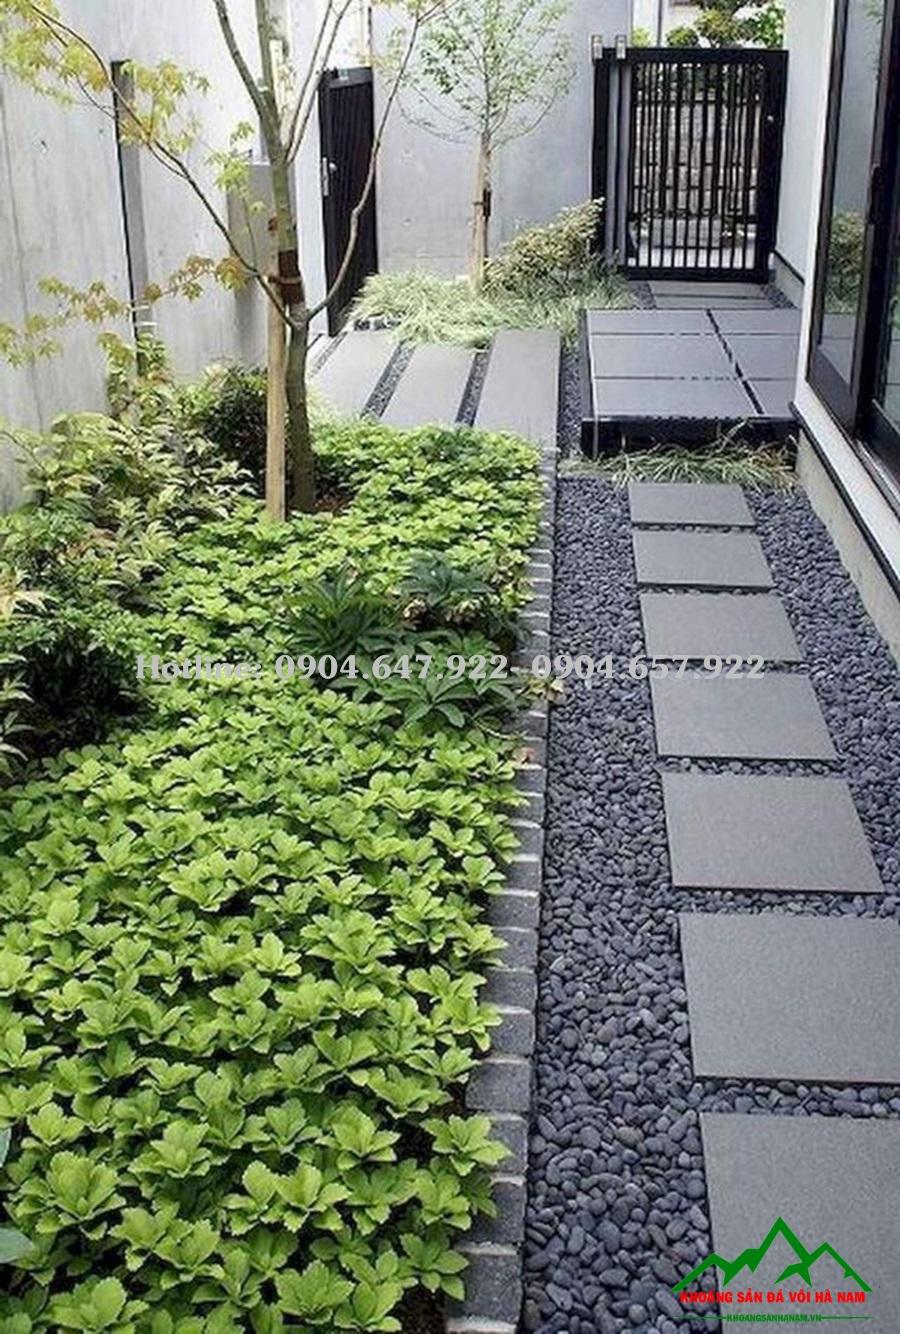 Ý tưởng về sân vườn đẹp sử dụng sỏi đen